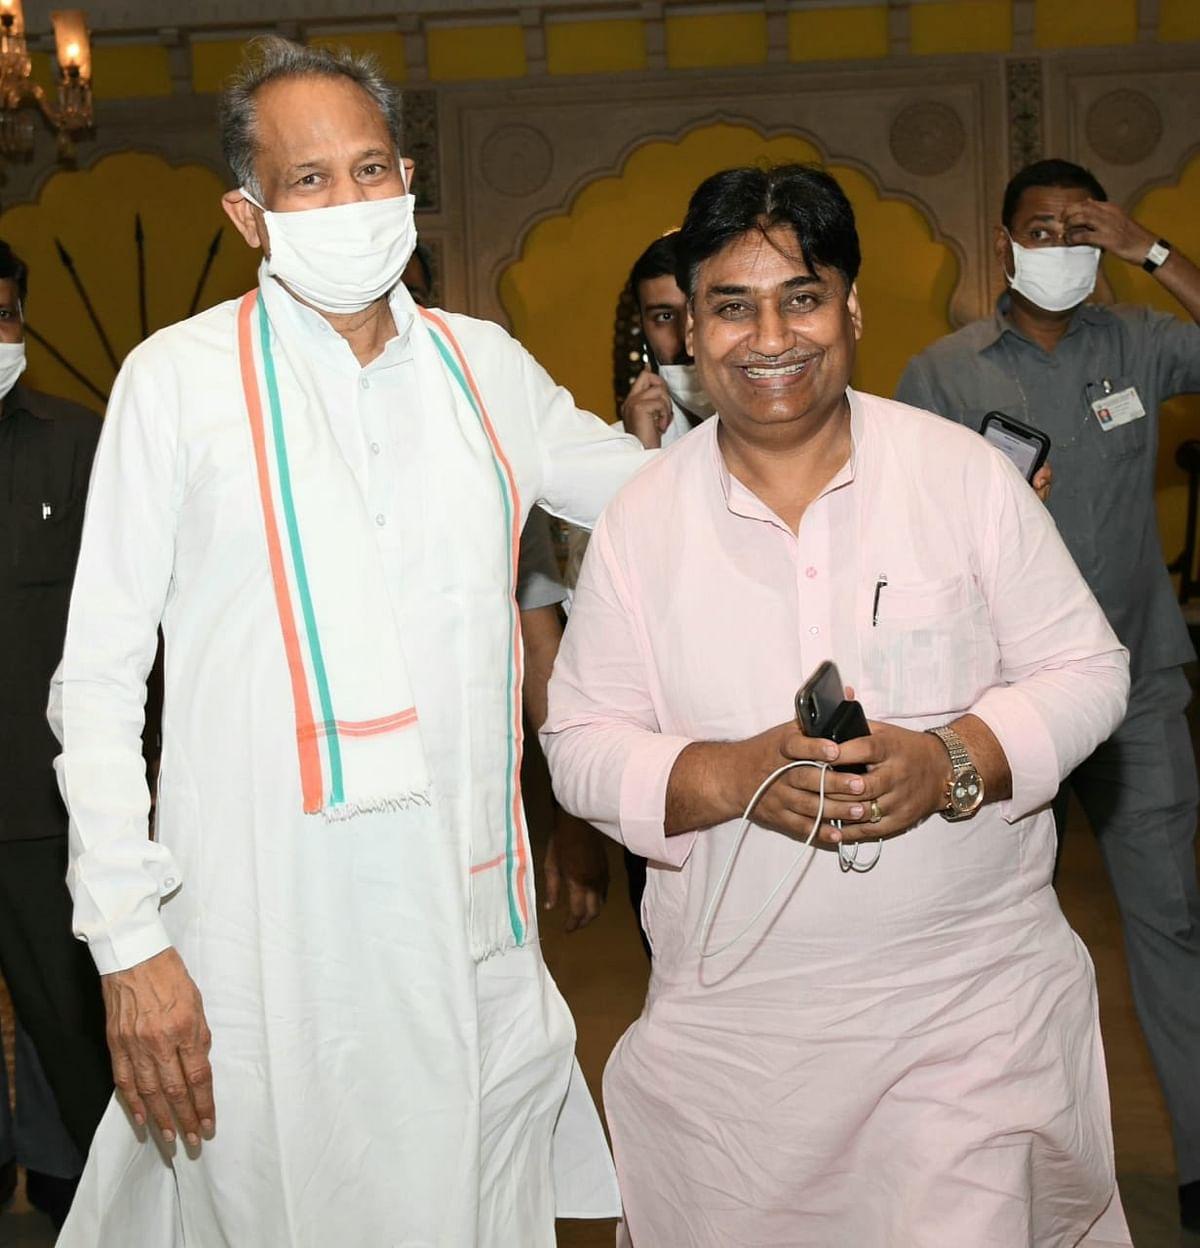 Ashok gehlot with Govind Singh Dotasara